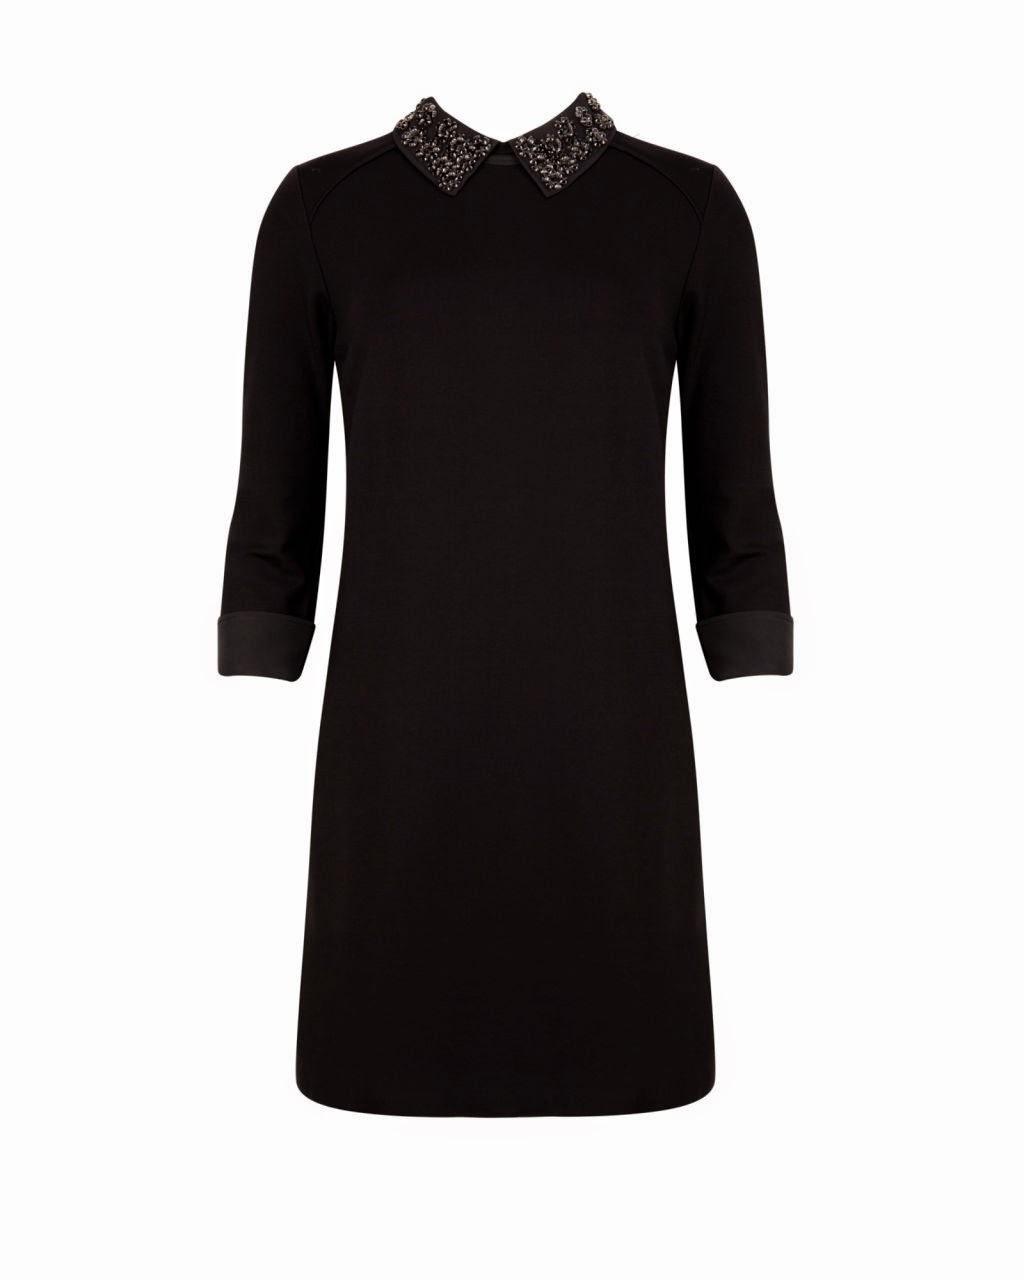 ted baker black collar dress, black collar dress, embellished collar dress,